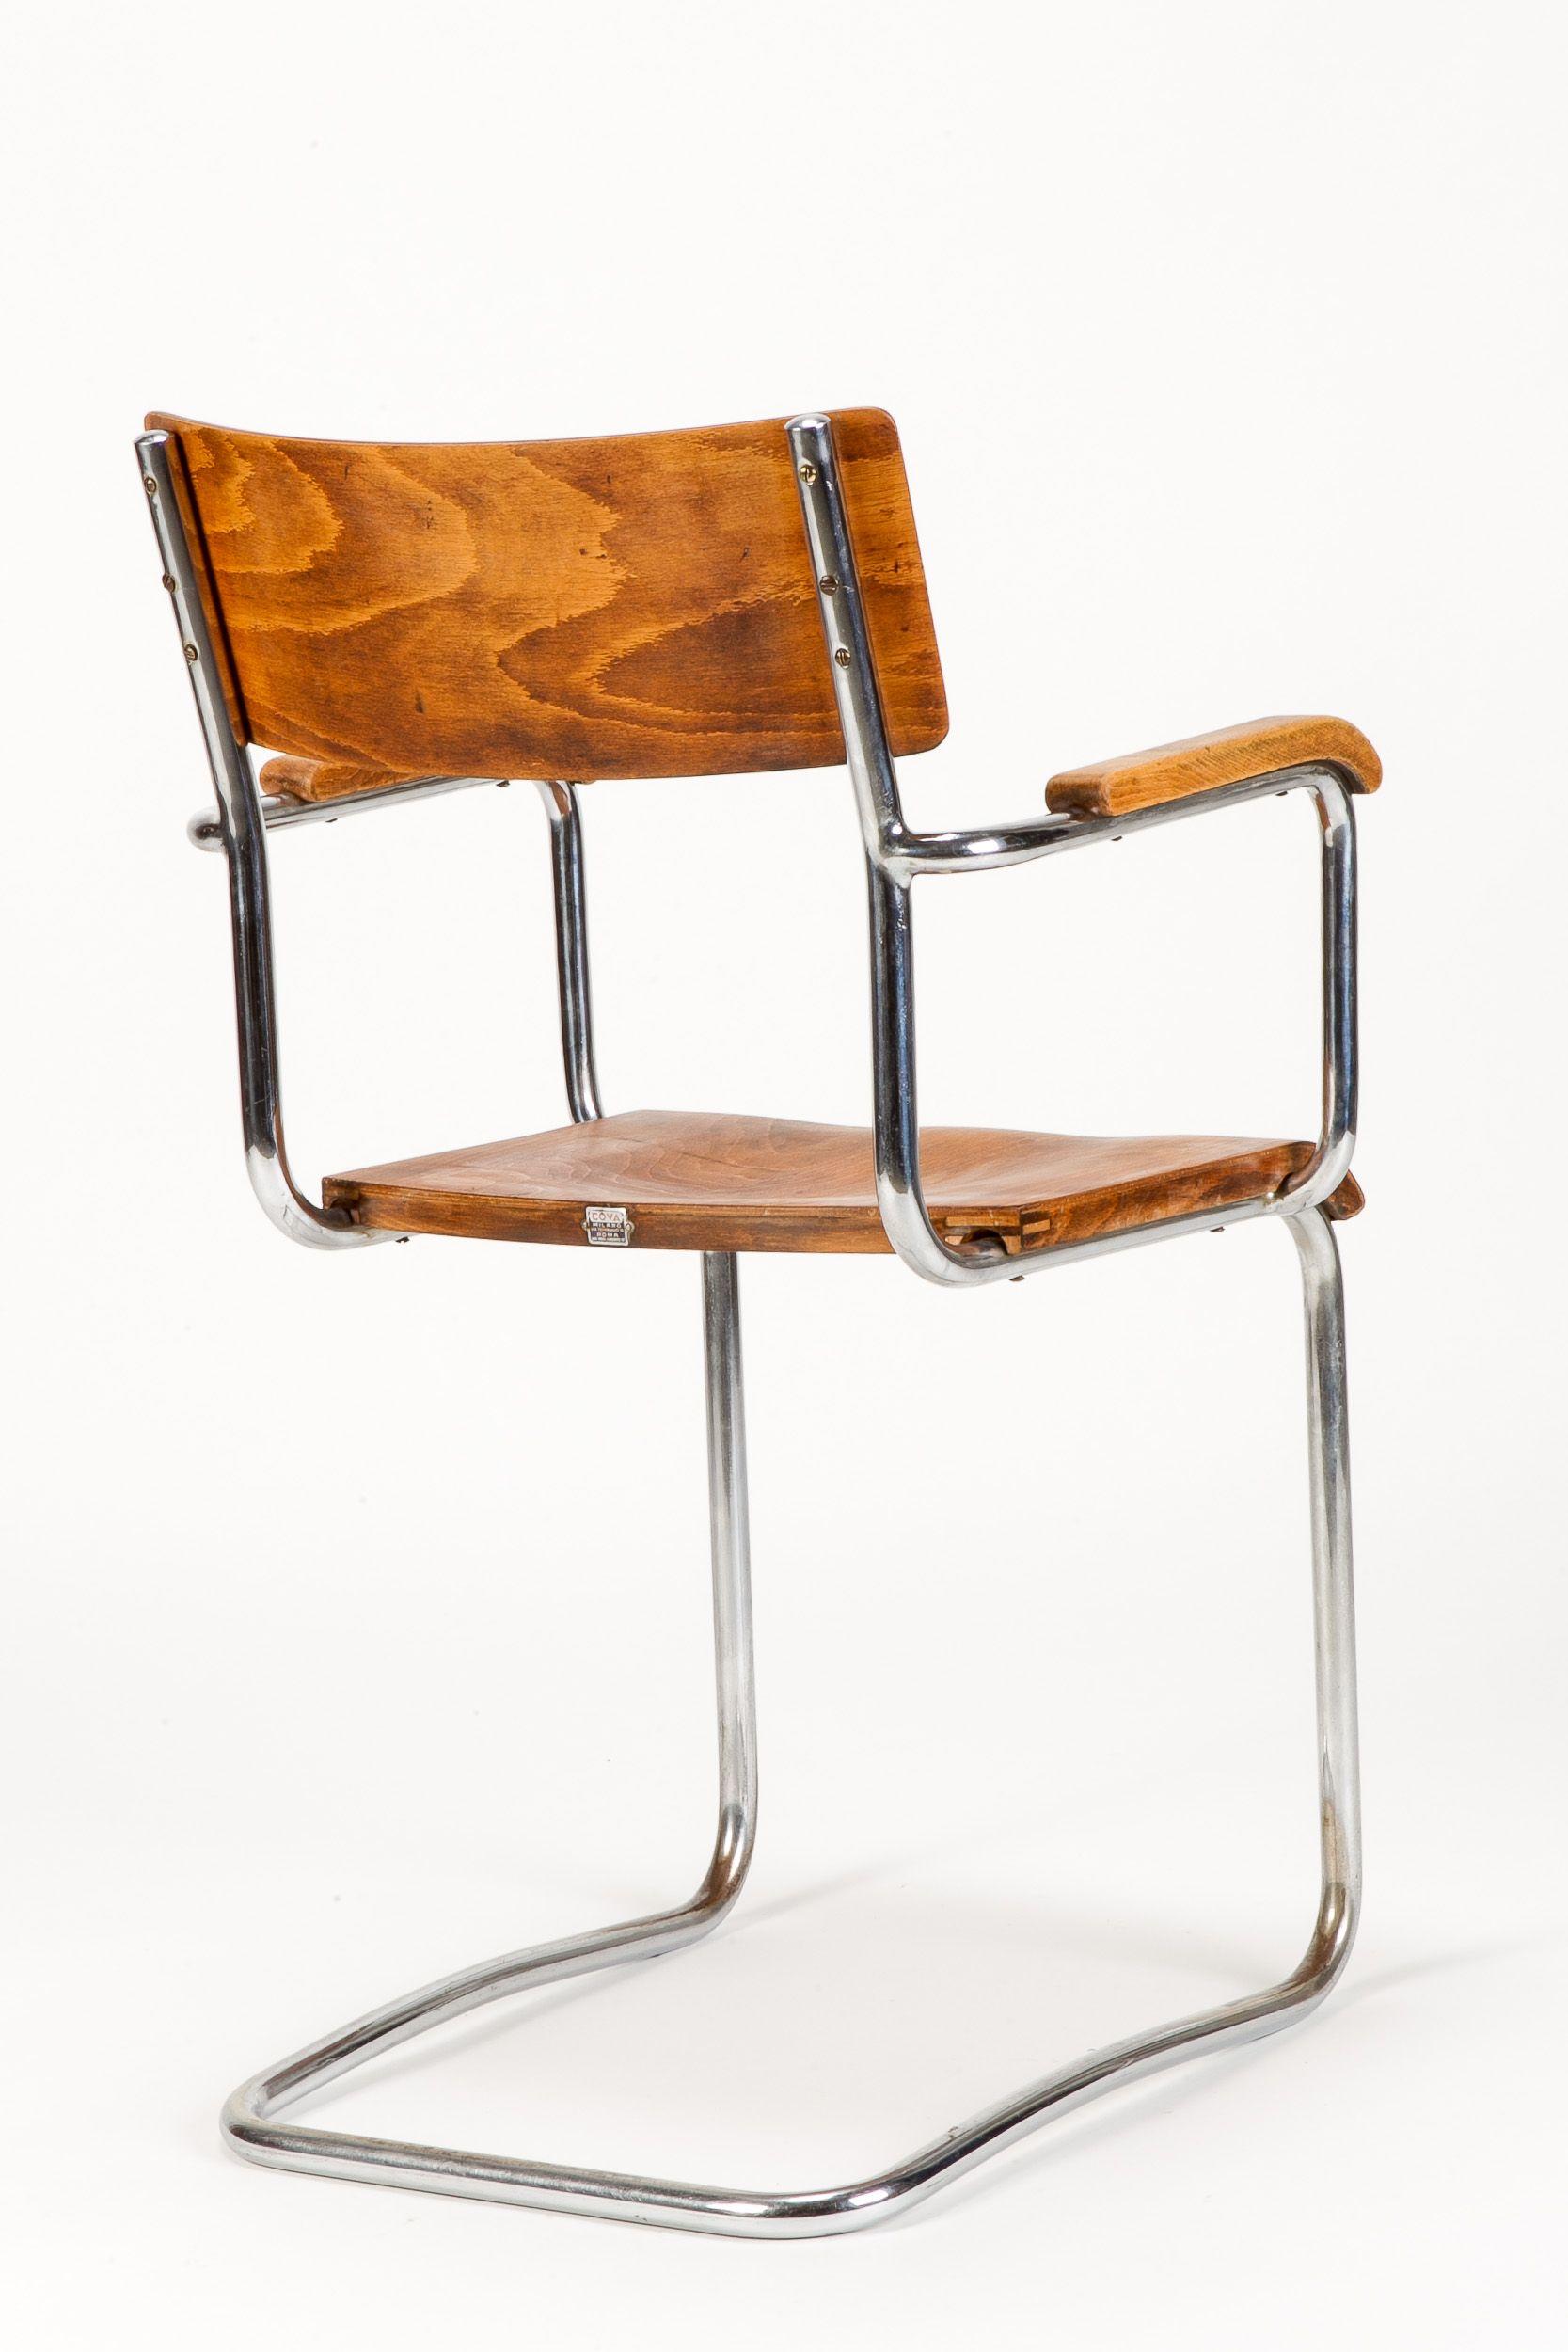 Mart Stam Chair Bauhaus möbel, Stuhl design, Stuhl holz